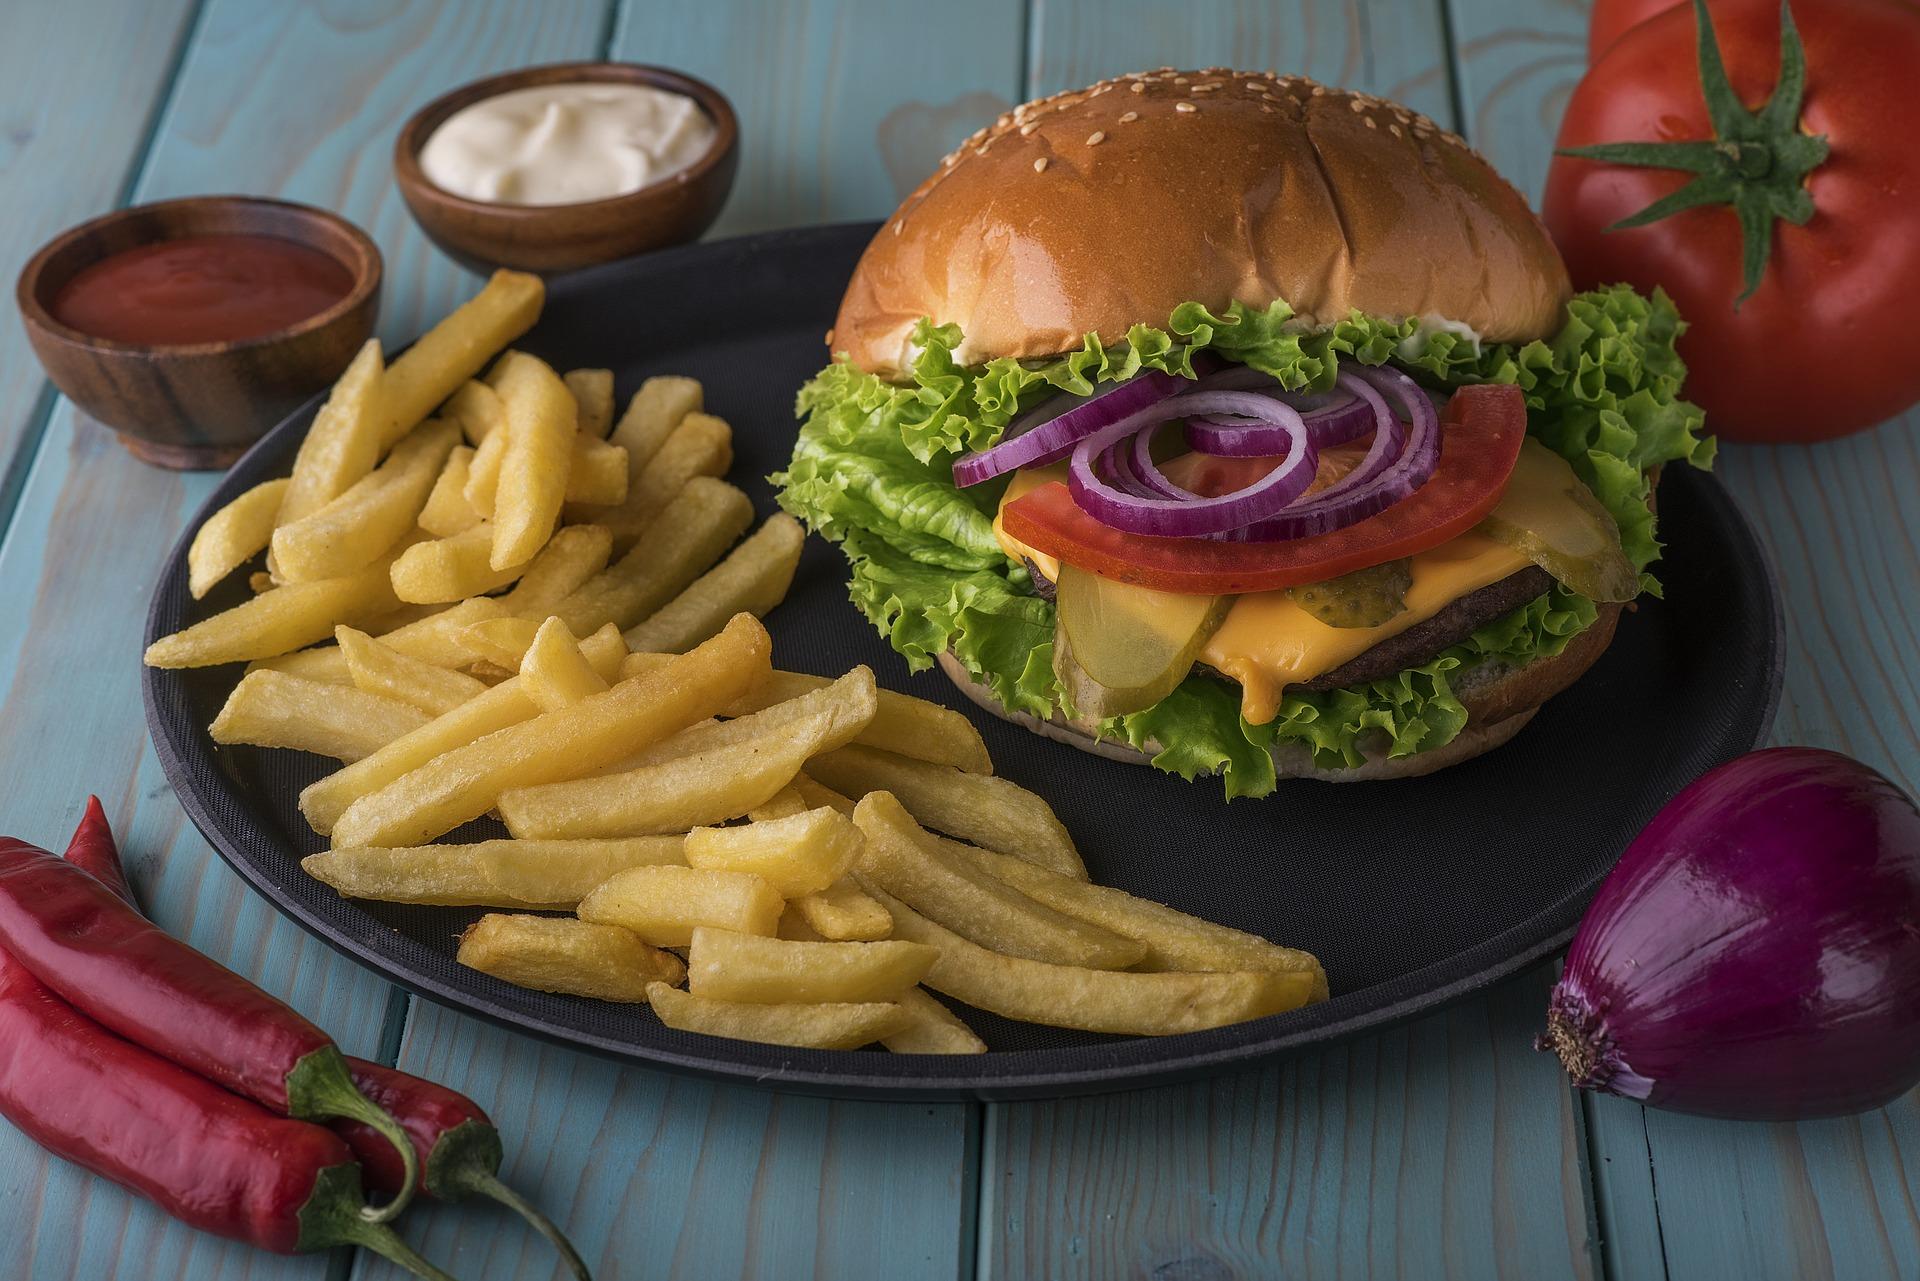 recipes for hamburger meat, hamburger and fries